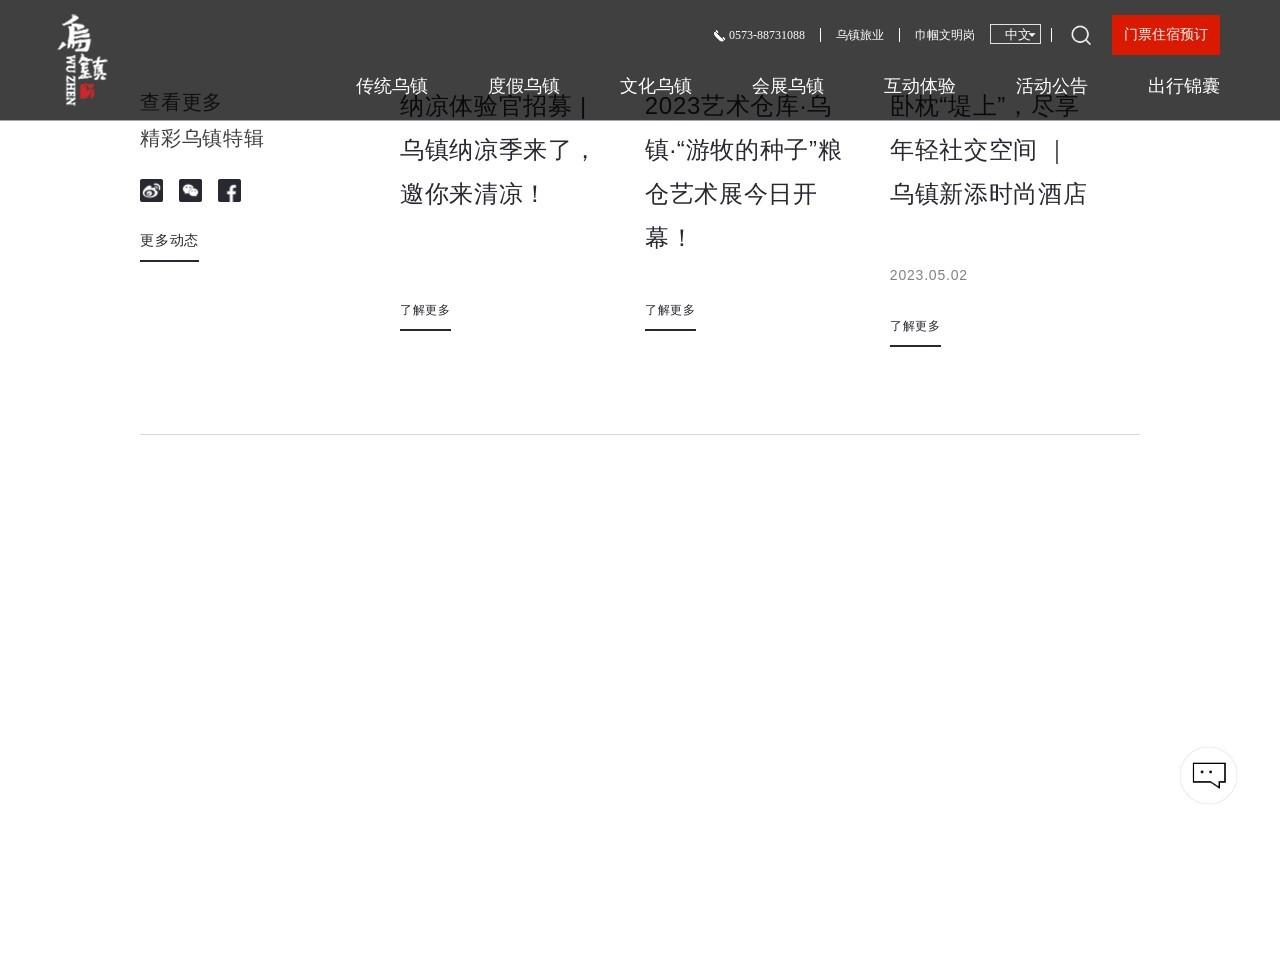 乌镇旅游官方网站